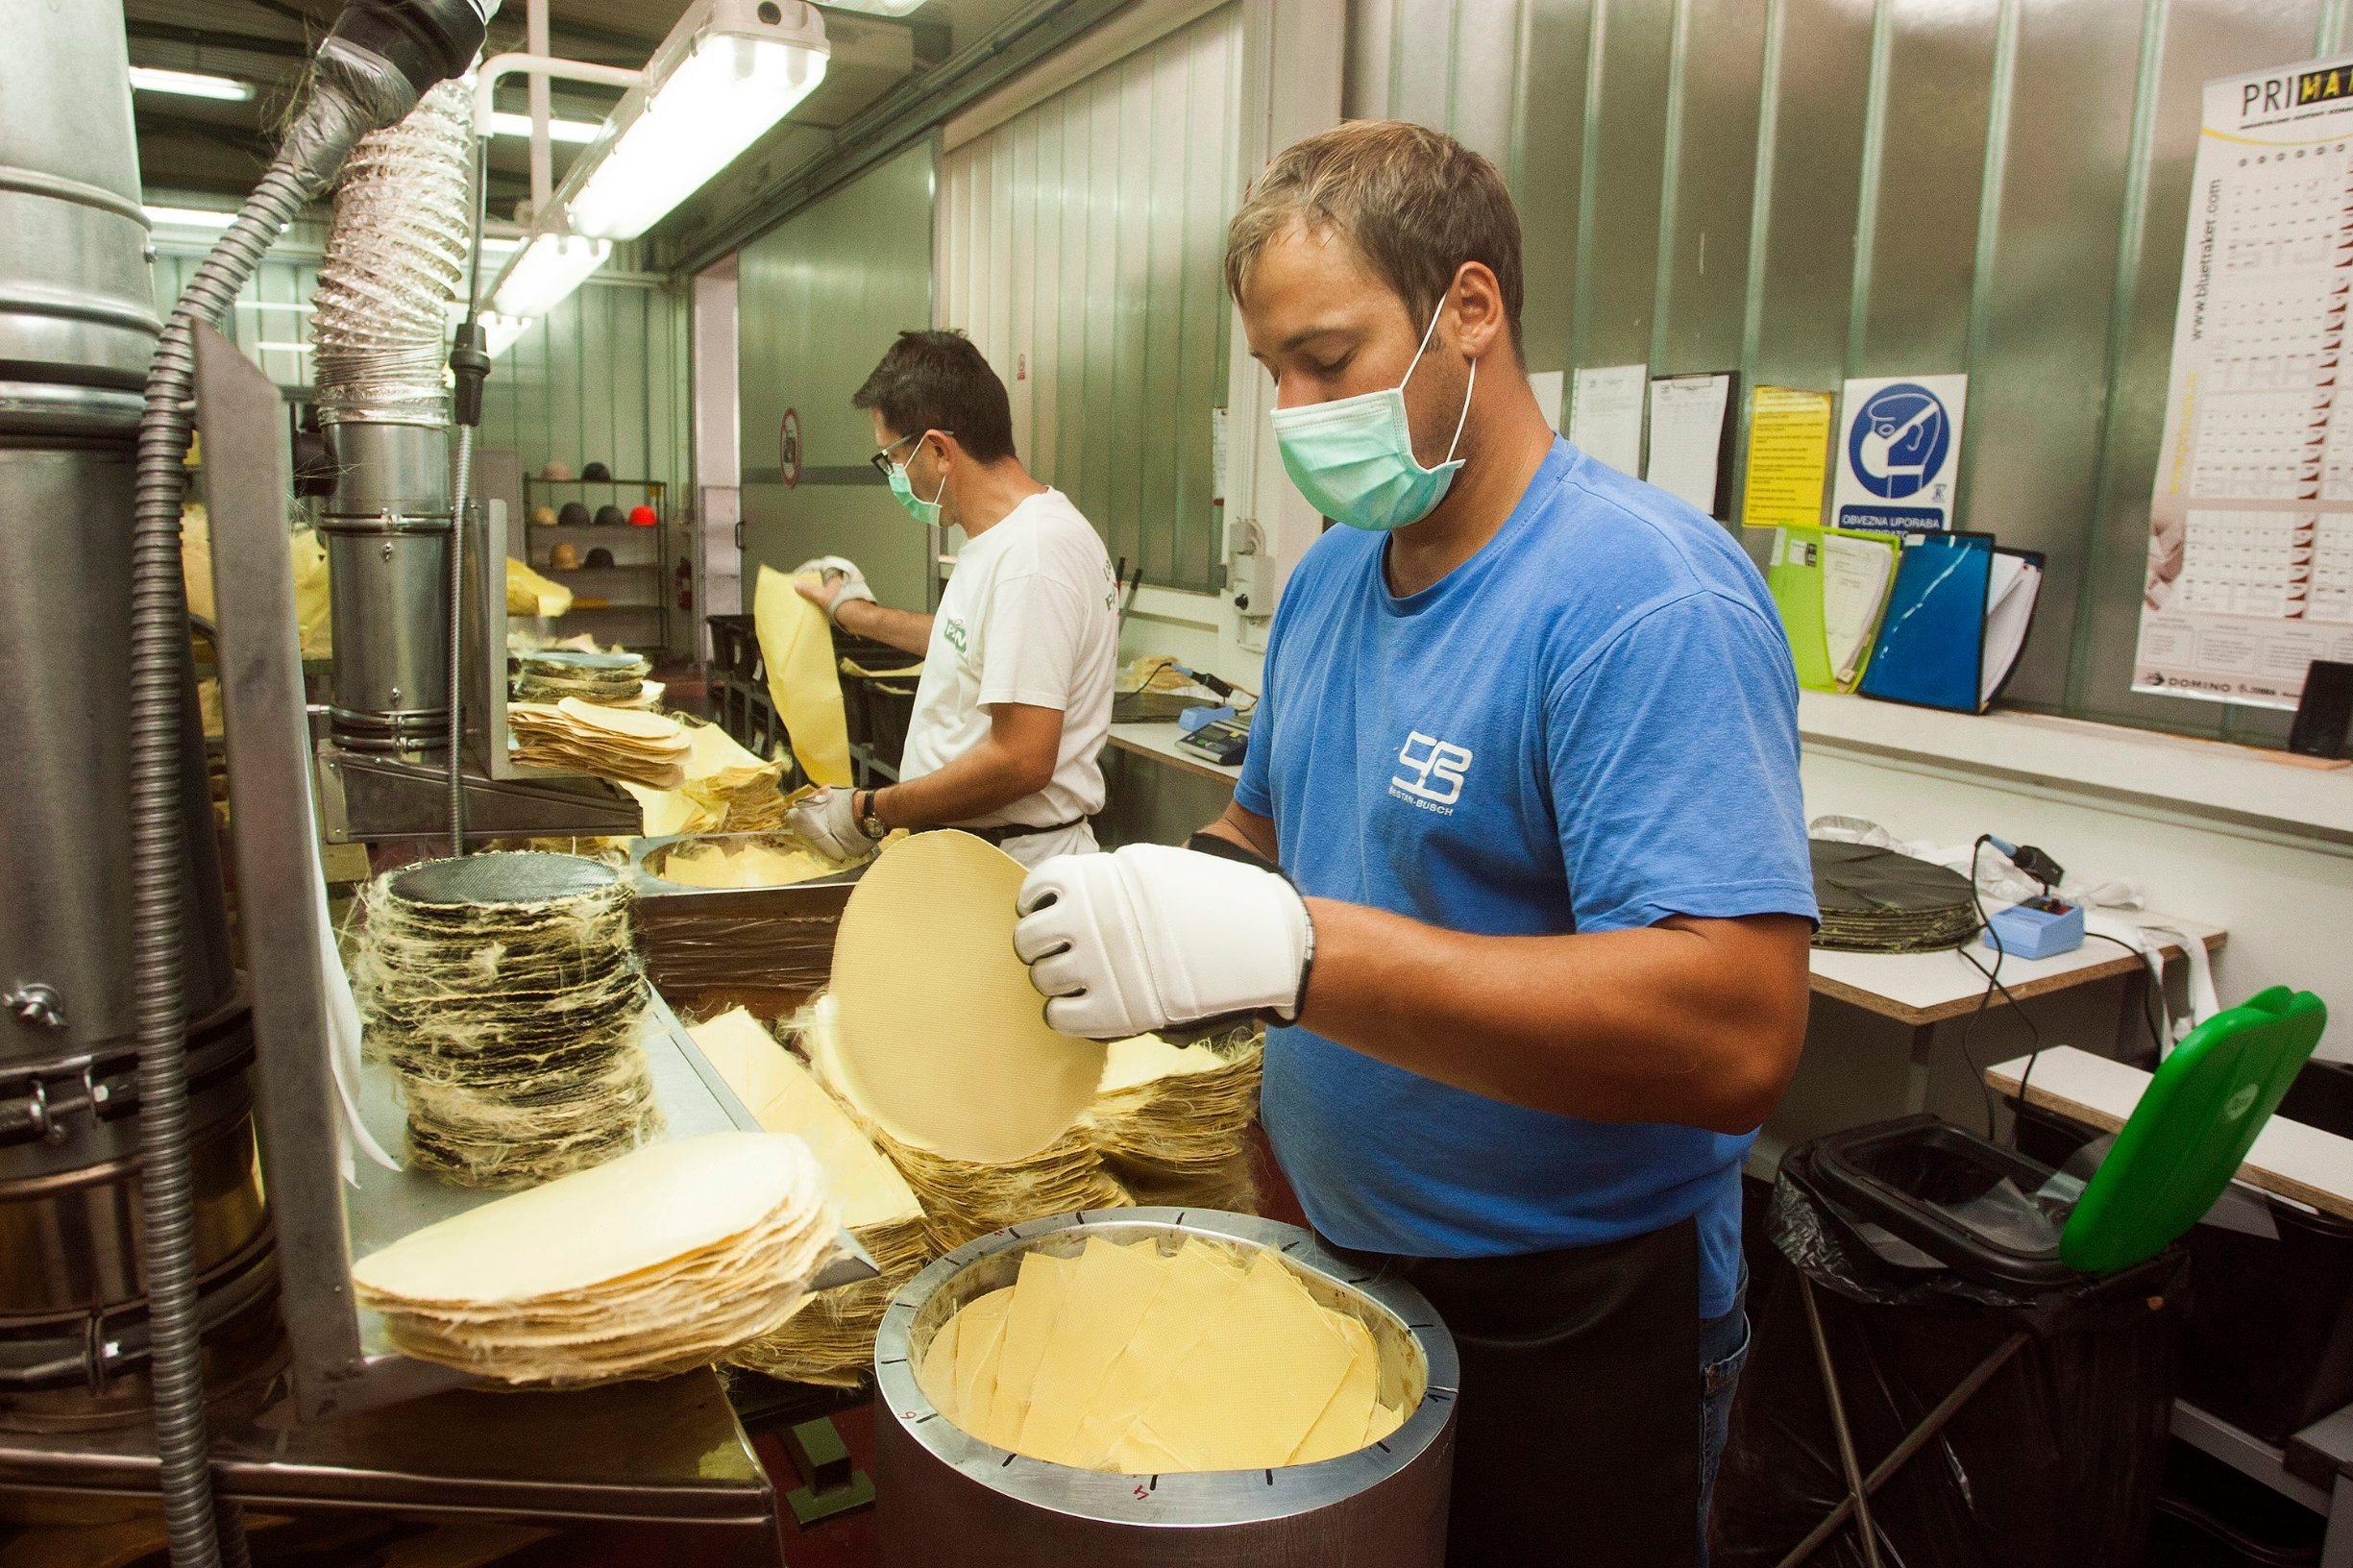 Tvornica kaciga Šestan - Busch u kojoj se proizvode kacige za vojsku i policiju